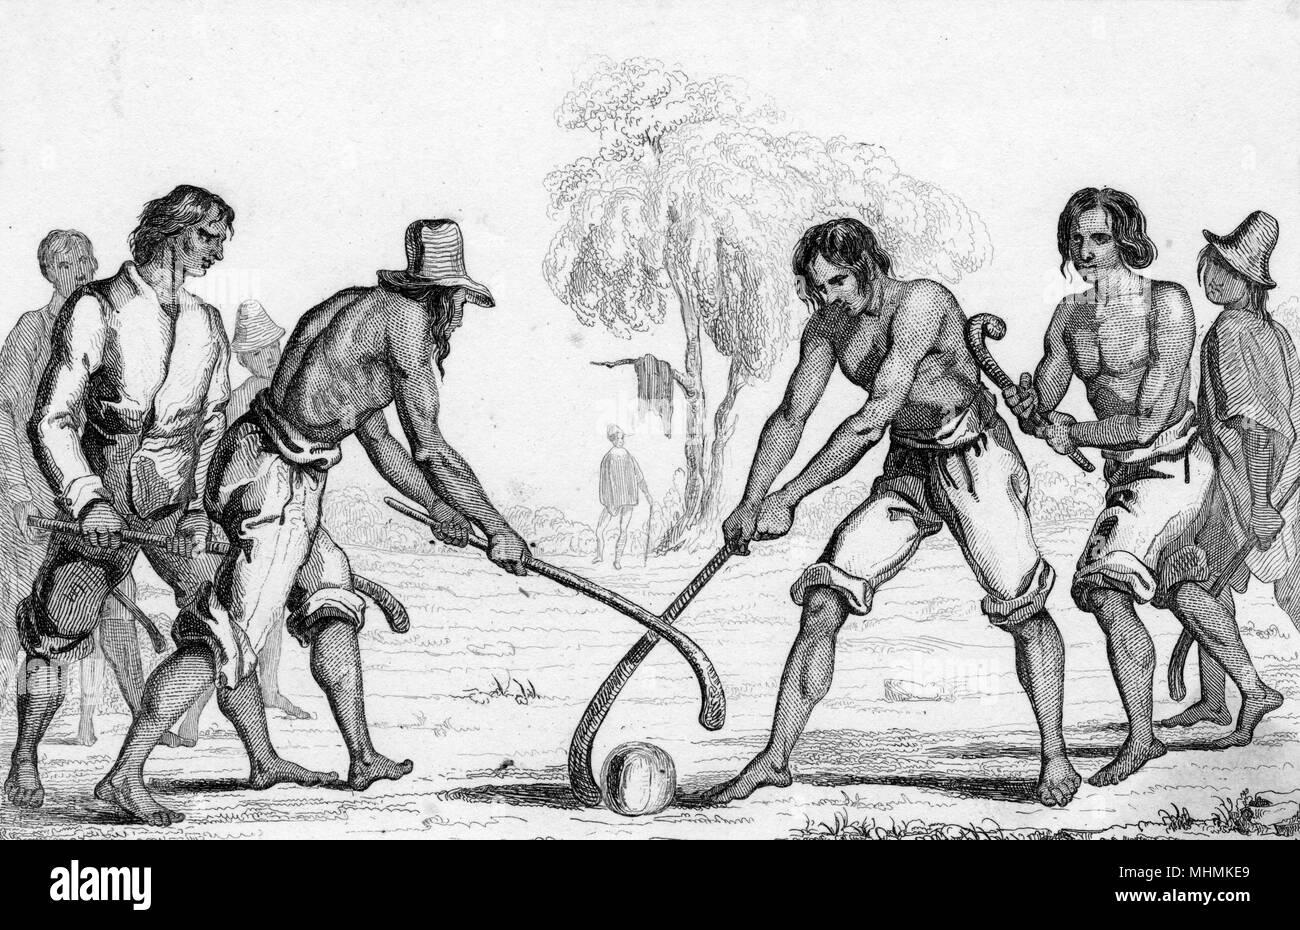 Los chilenos desempeñan una forma temprana de hockey. Fecha: circa 1835 Imagen De Stock